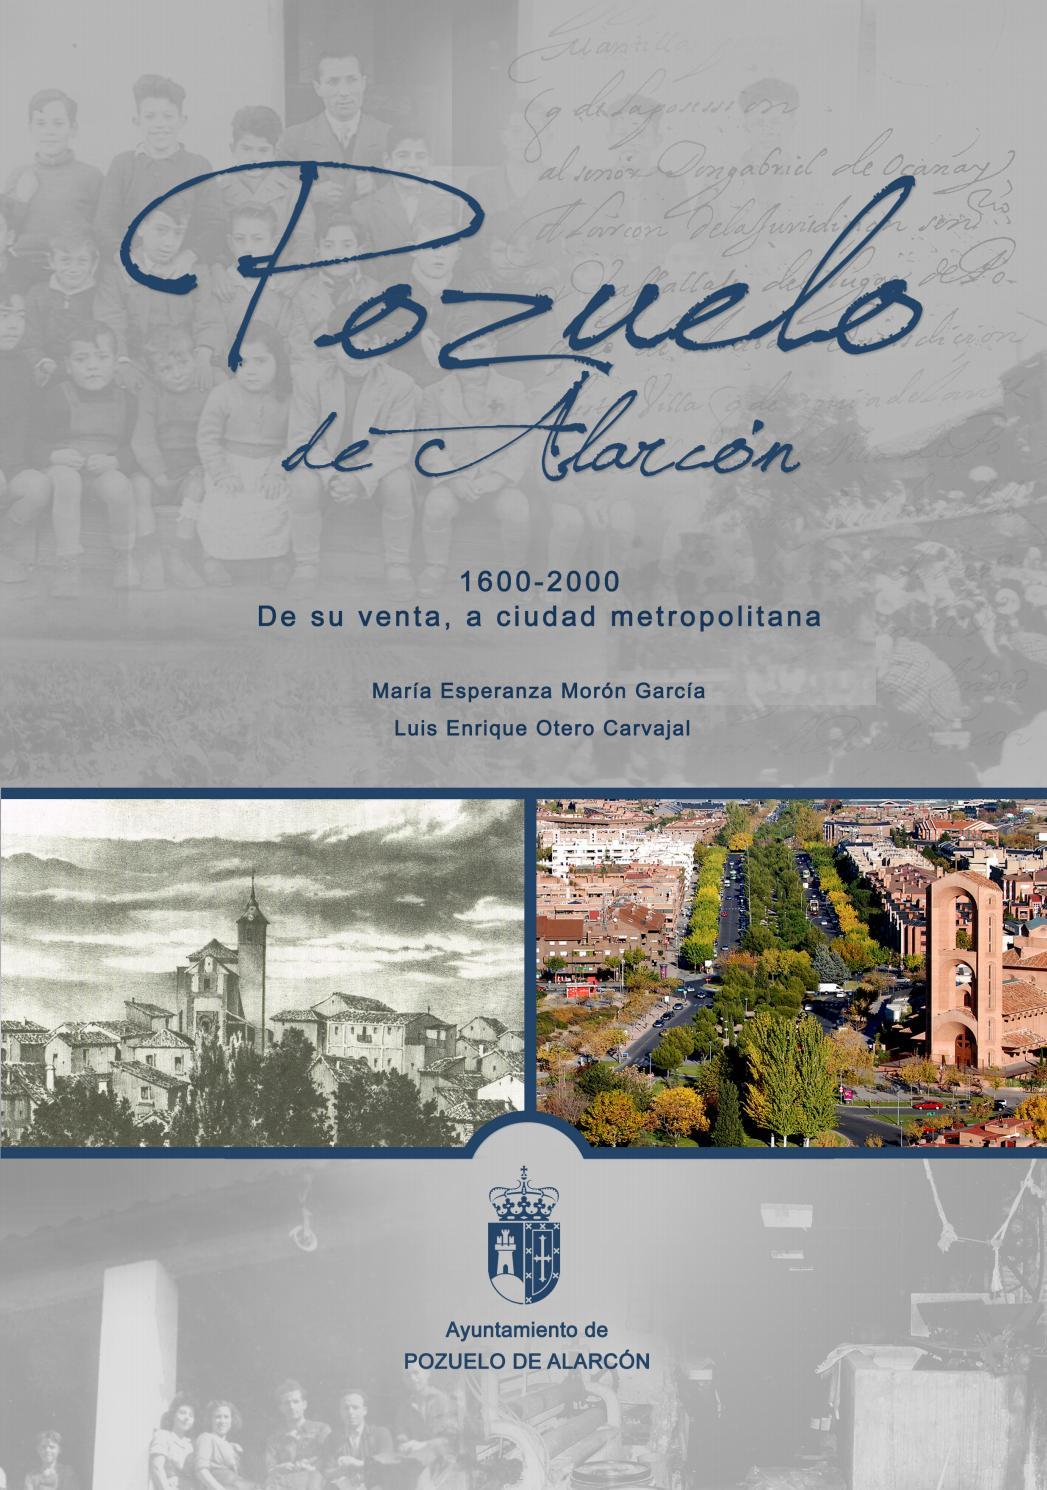 Pozuelo de Alarcón, 1600-2000 de su venta, a la ciudad metropolitana ...